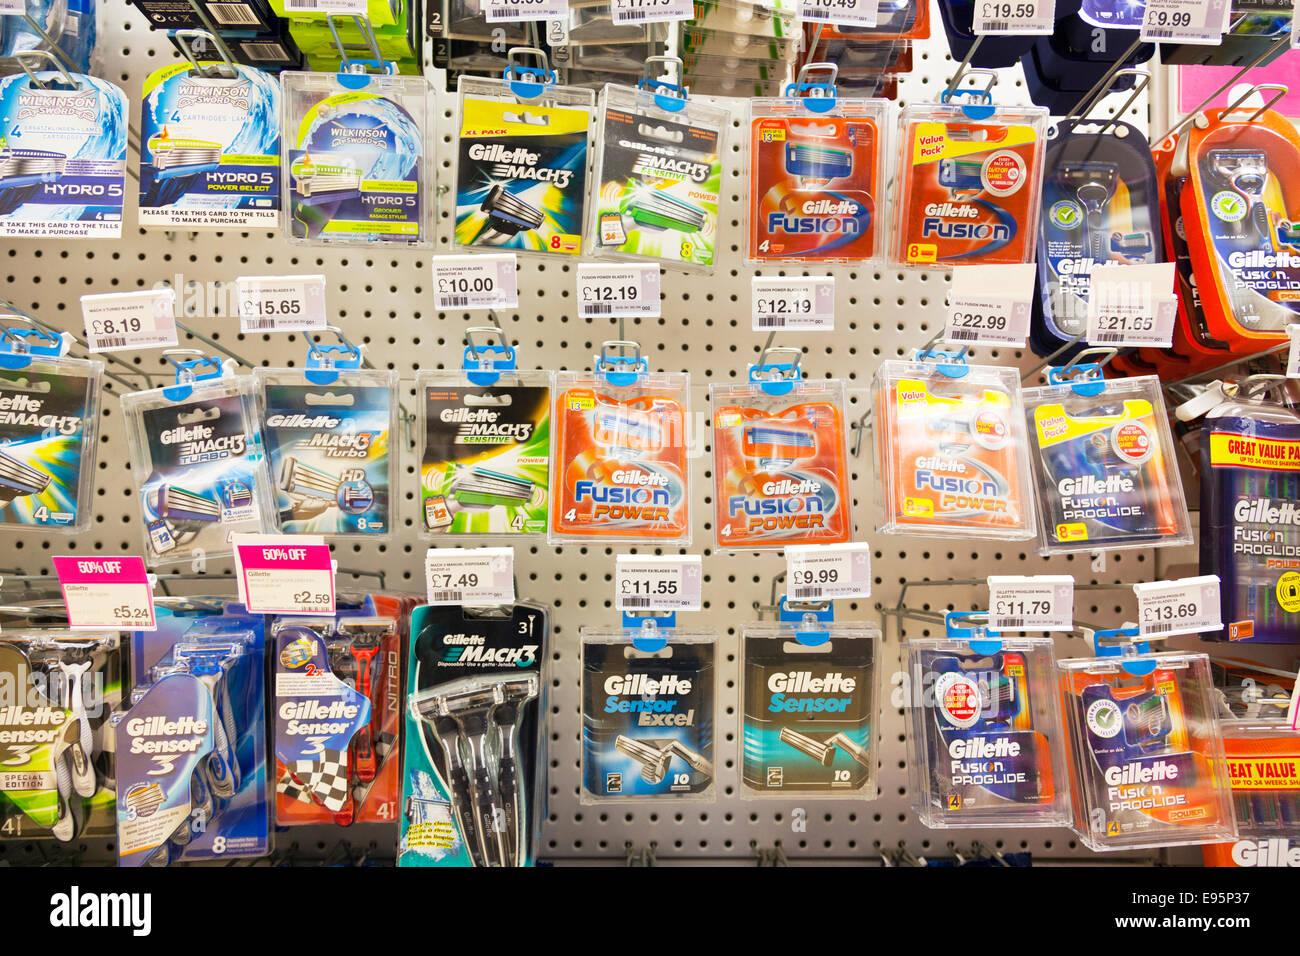 Lames de rasoir Gillette Fusion Wilkinson Sword produit produits sur étagère de magasin à l'intérieur Photo Stock